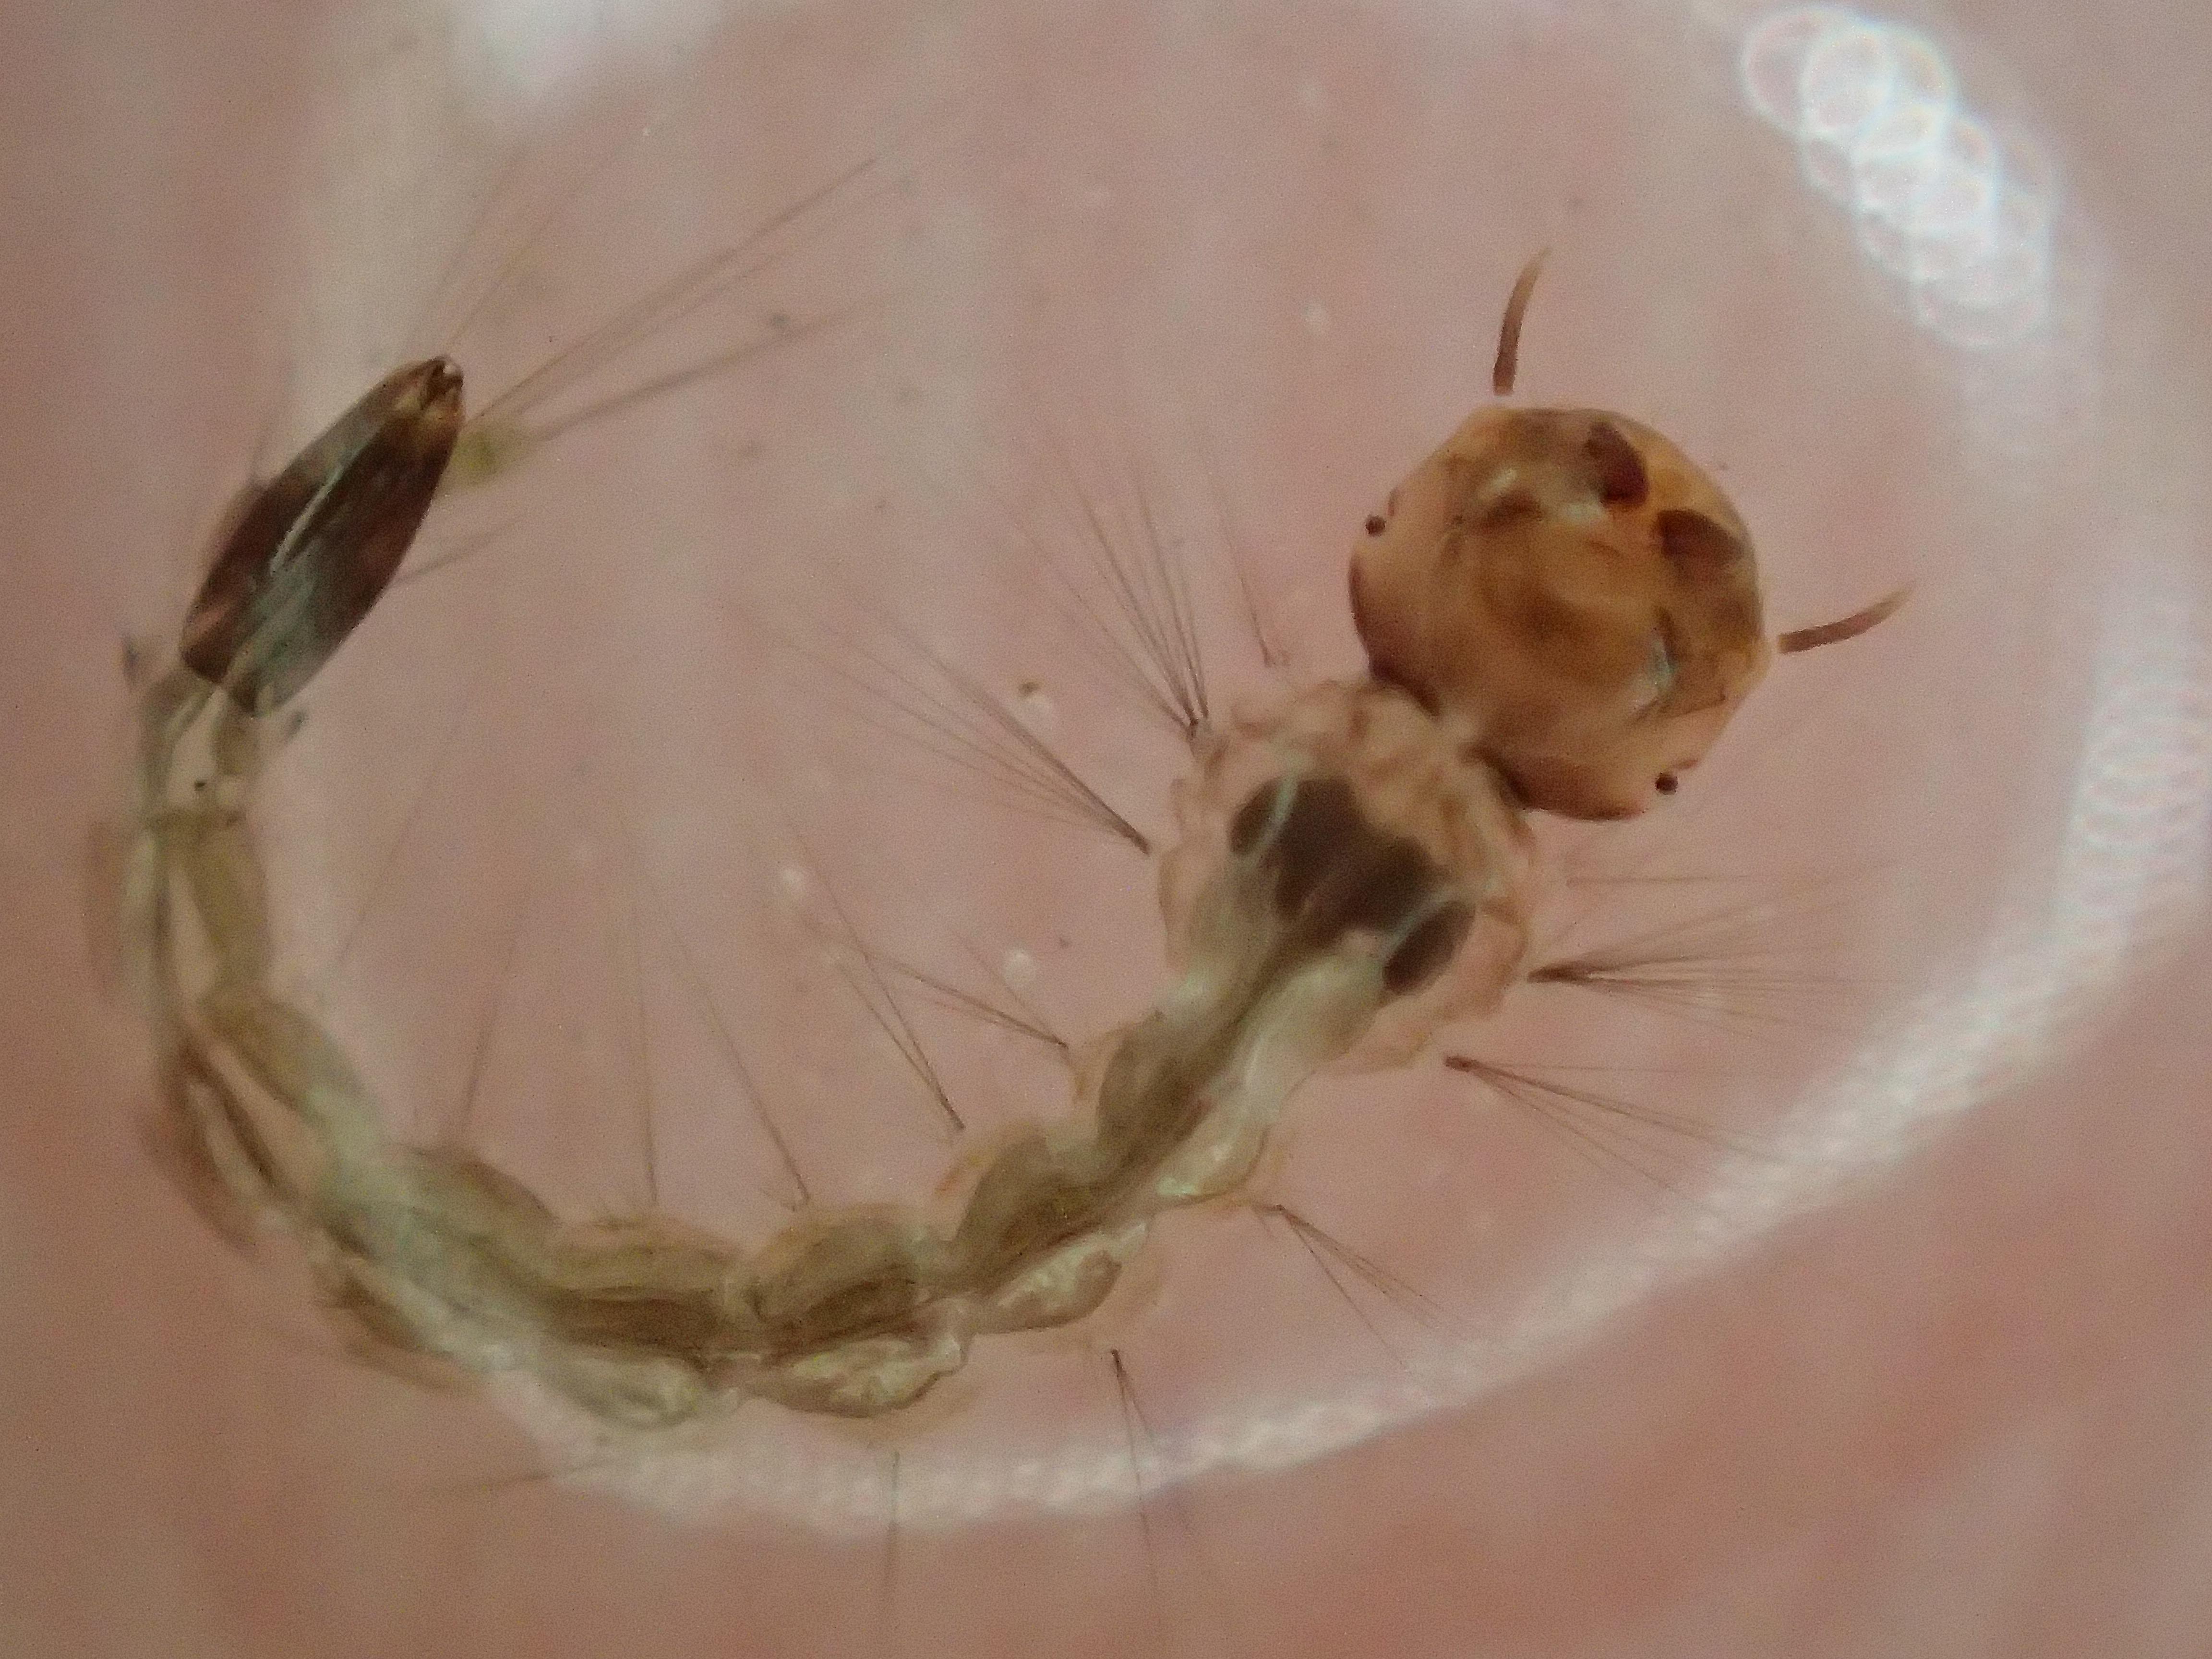 """害虫""""蚊""""の幼虫ボウフラを発見したので指で捕まえてみた"""